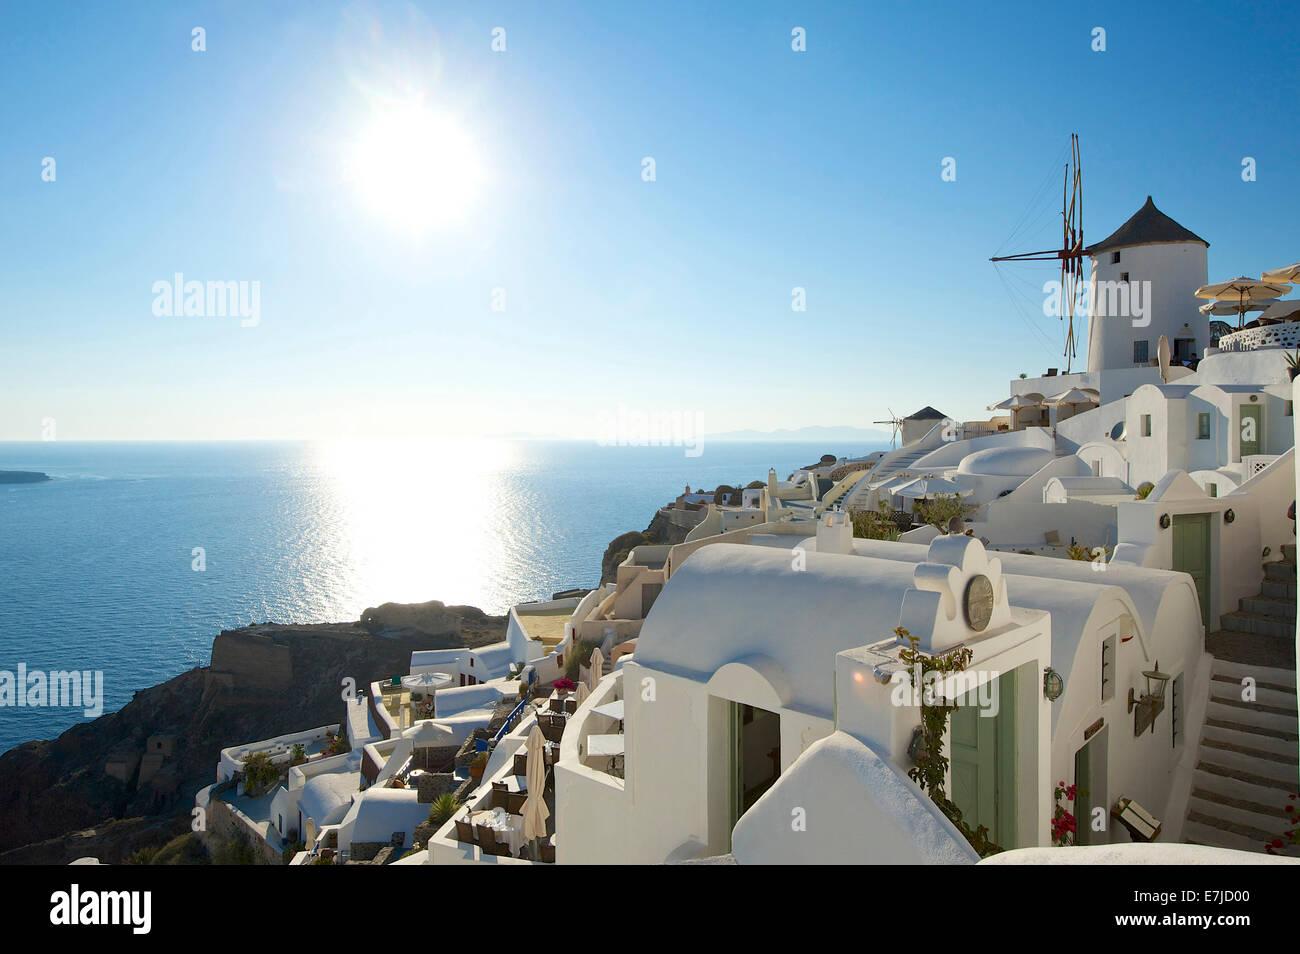 La Grèce, l'Europe, les Cyclades, island, île, îles, grec, à l'extérieur, Mer Méditerranée, Photo Stock